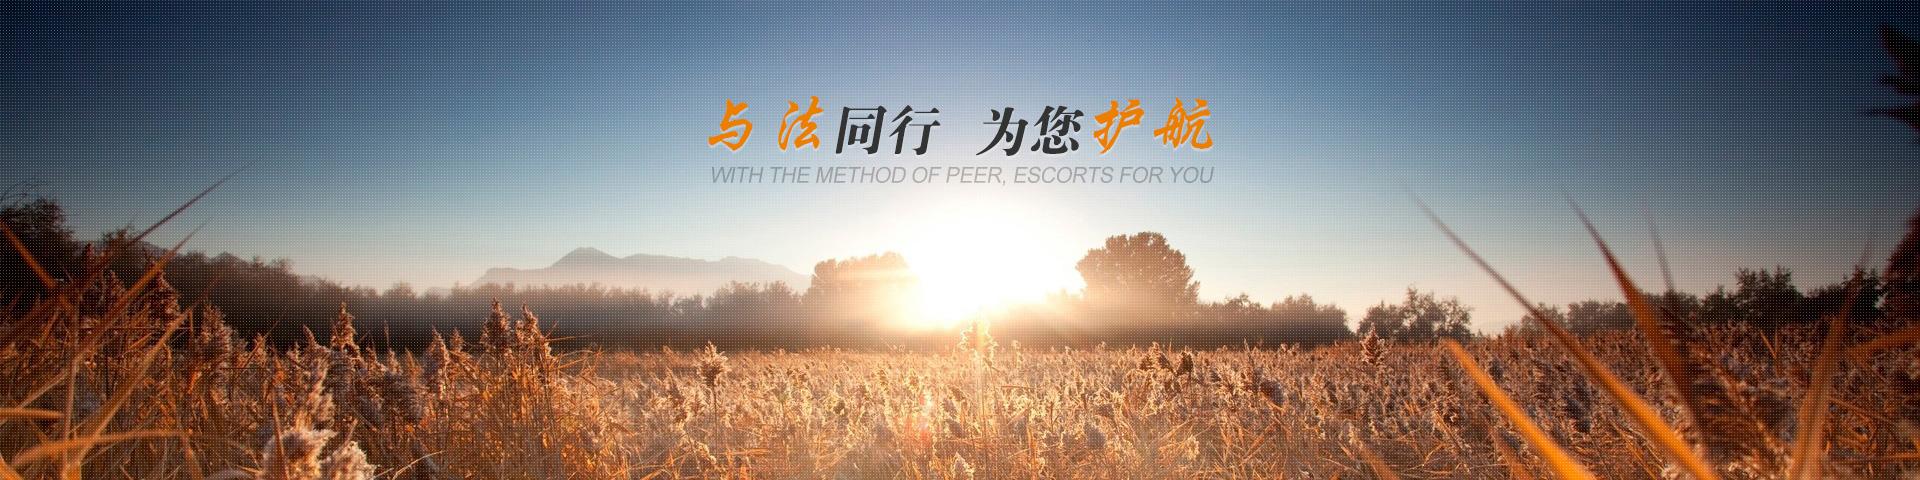 武汉知识产权律师大图二